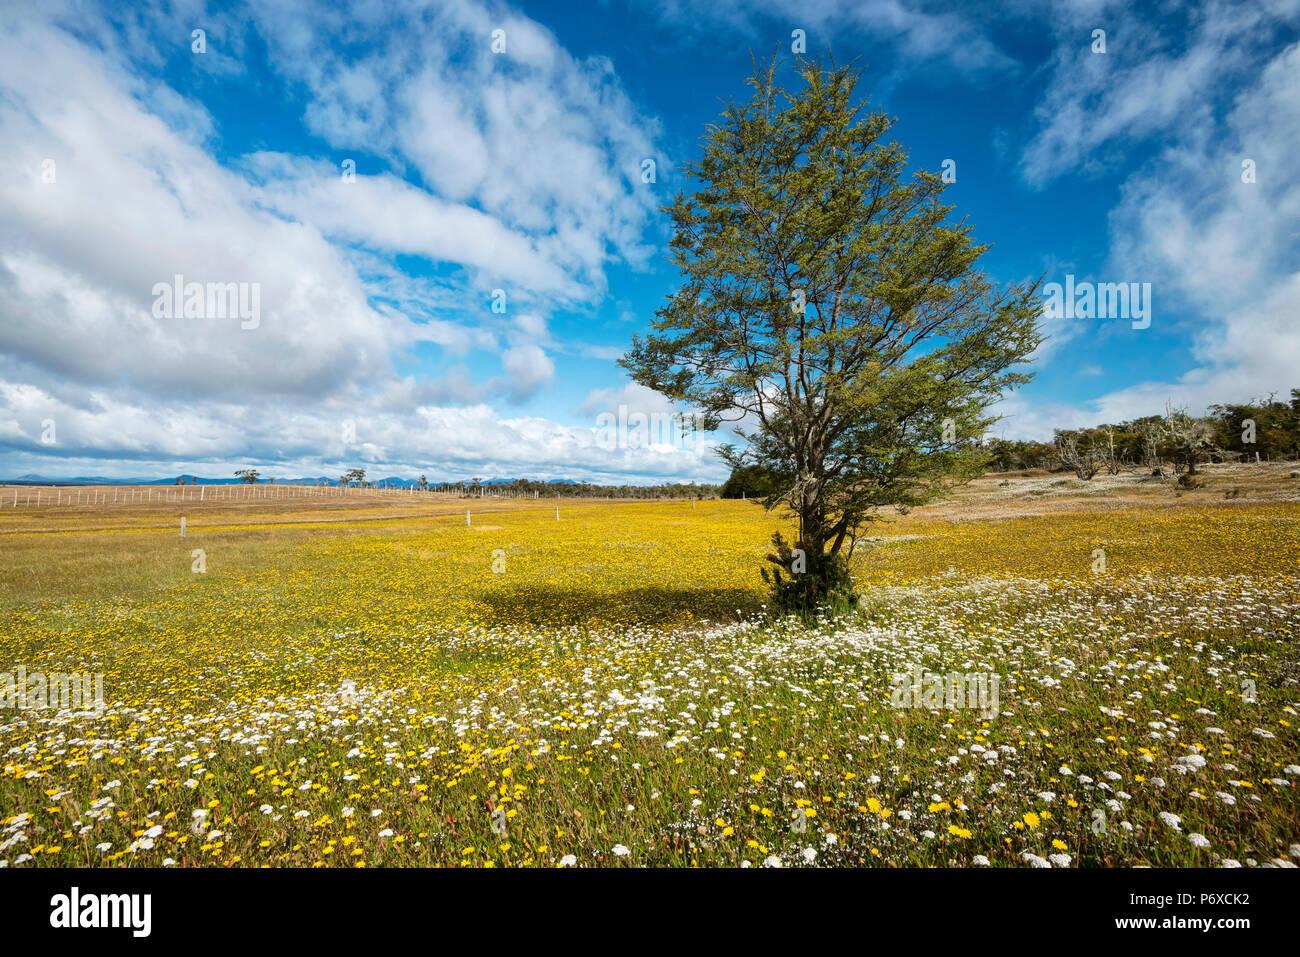 South America, Patagonia, Chile, Magallanes y la Antartica, Tierra del Fuego, bloom Stock Photo